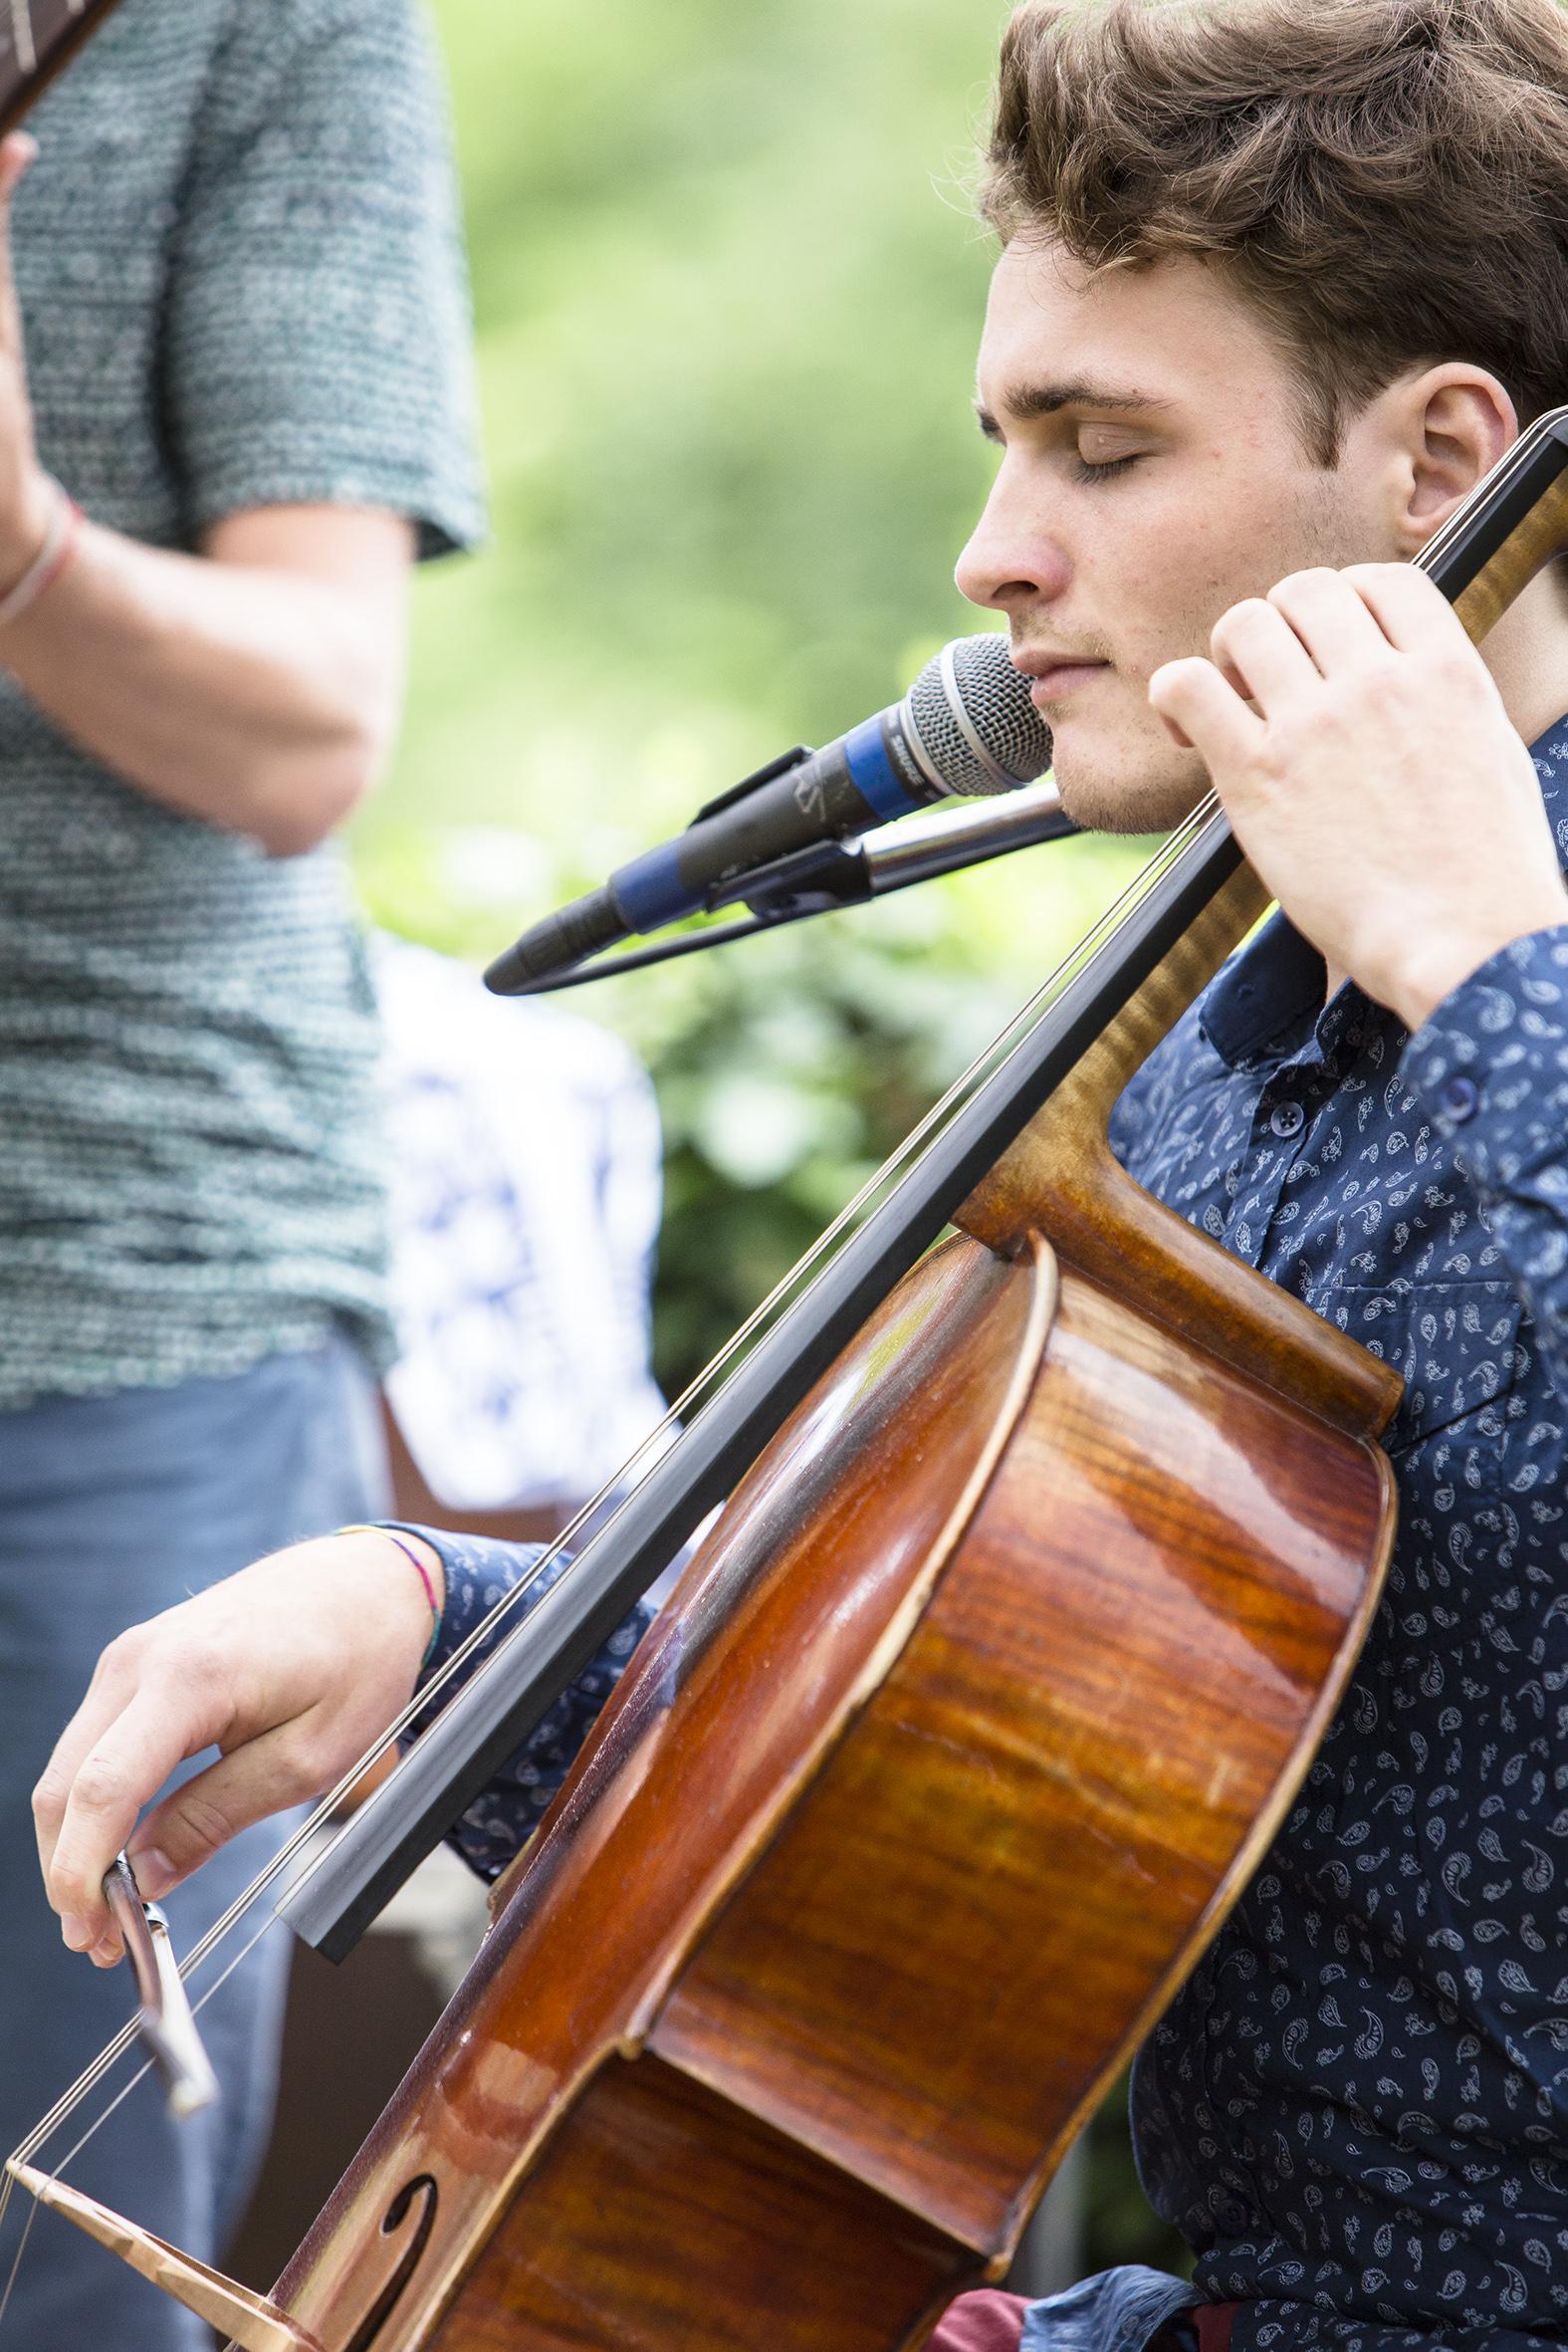 portraits-lucia-carvalho-festival-au-gr+¿s-du-jazz-la-petite-pierre-2015-marie-colette-becker-09